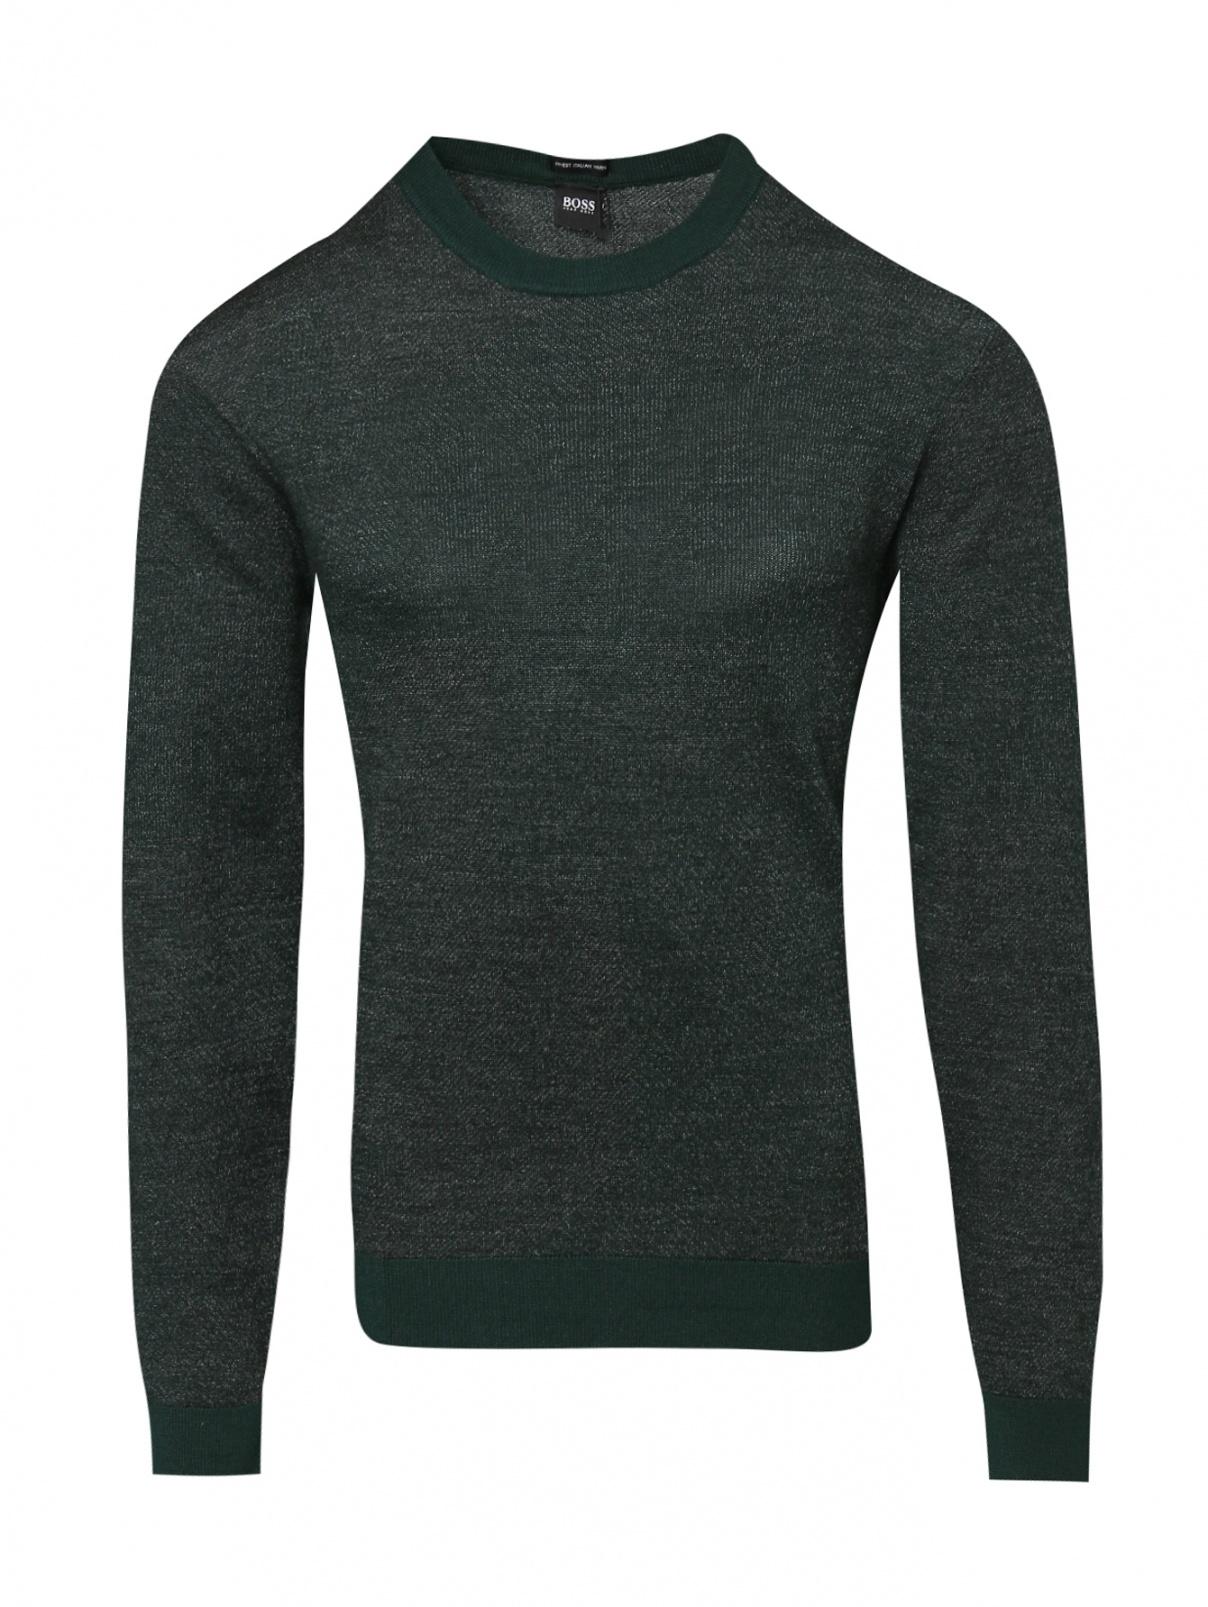 Джемпер из шерсти с круглым вырезом BOSS  –  Общий вид  – Цвет:  Зеленый